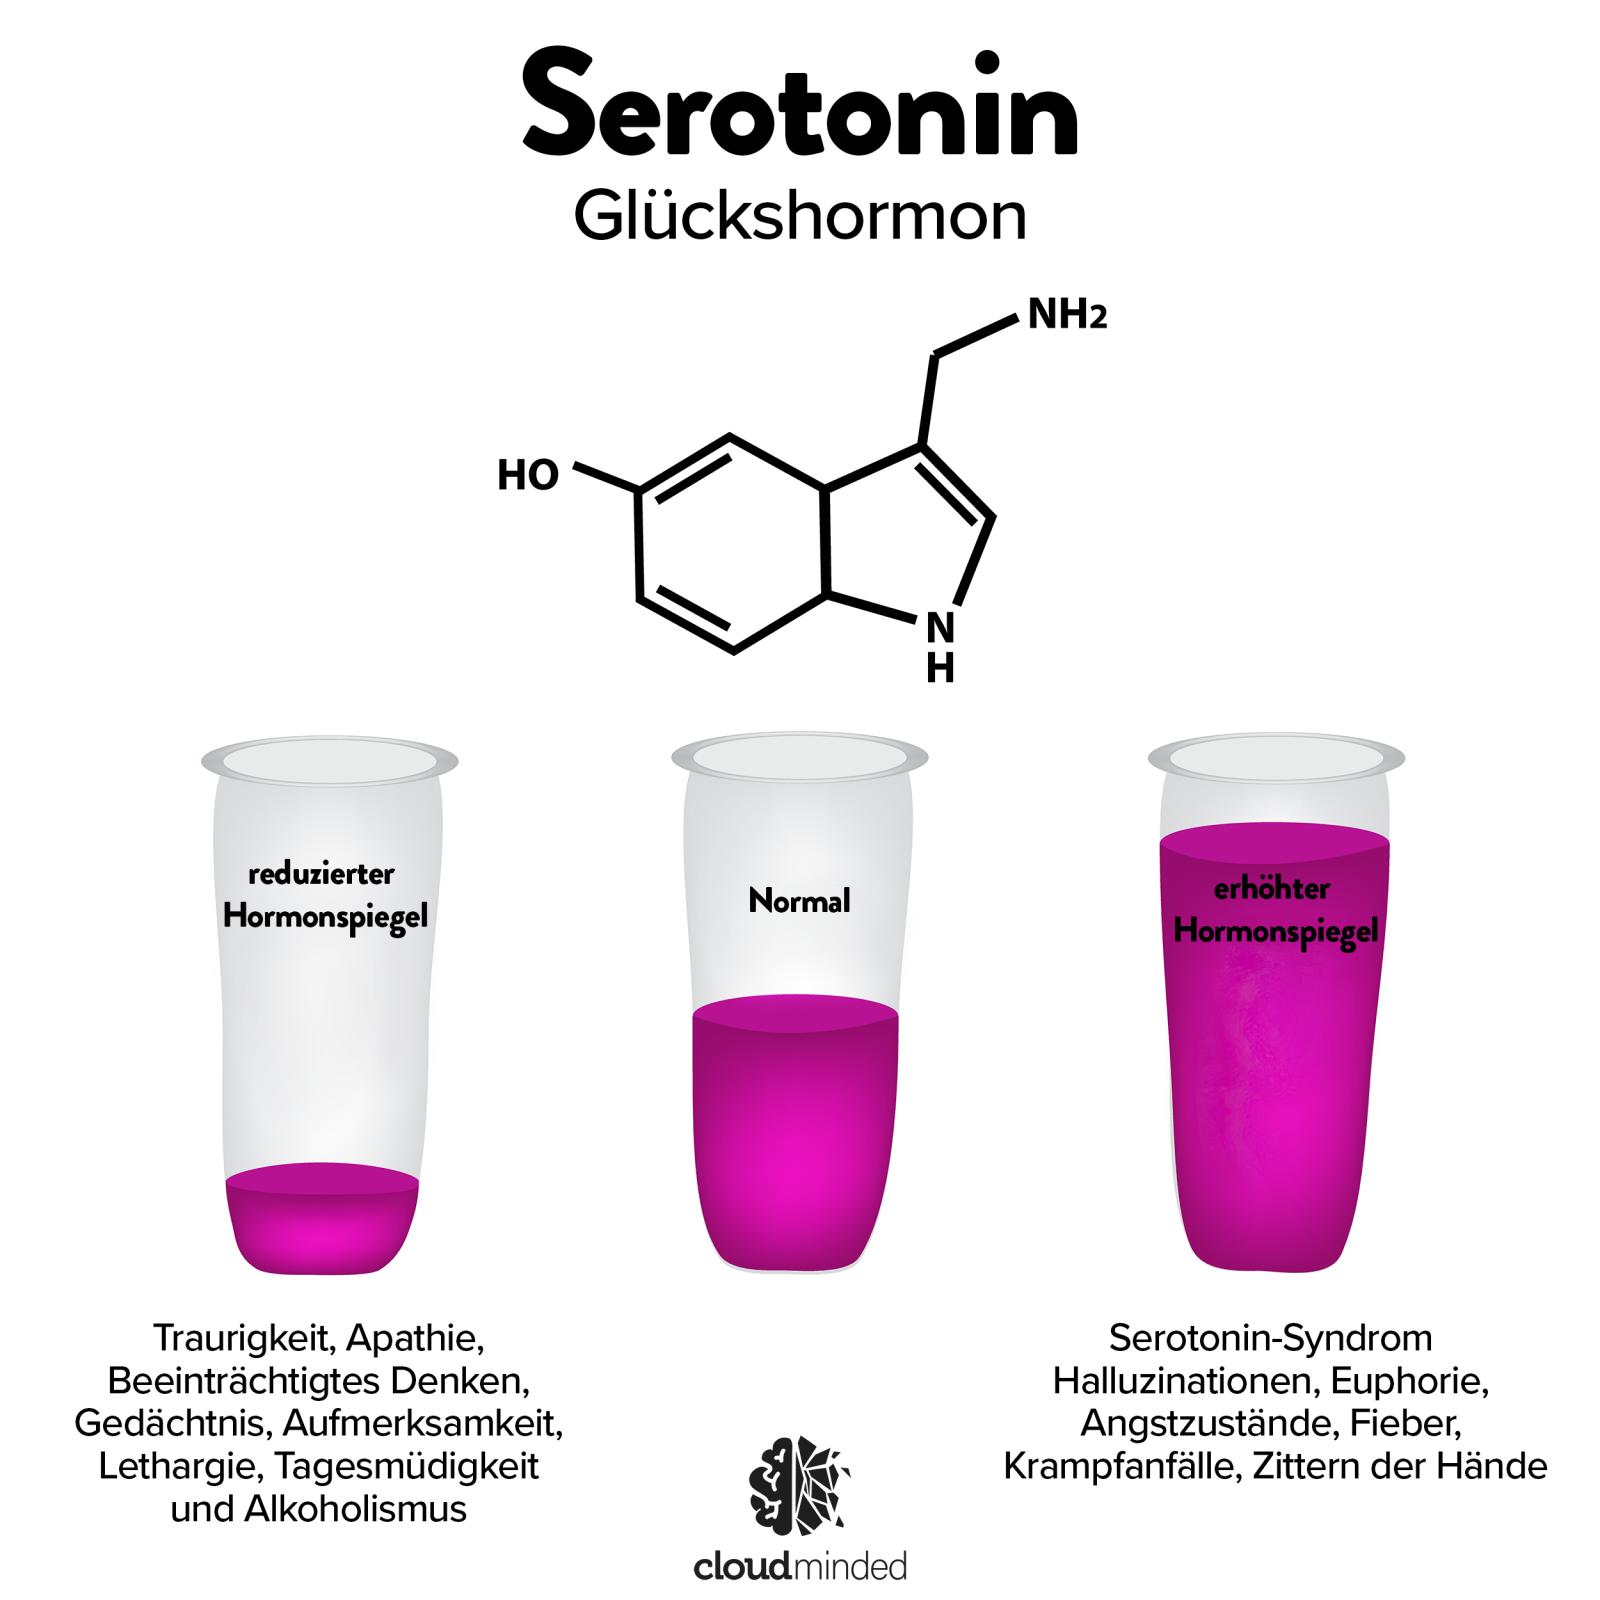 Serotinin Unter Ueberdosierung